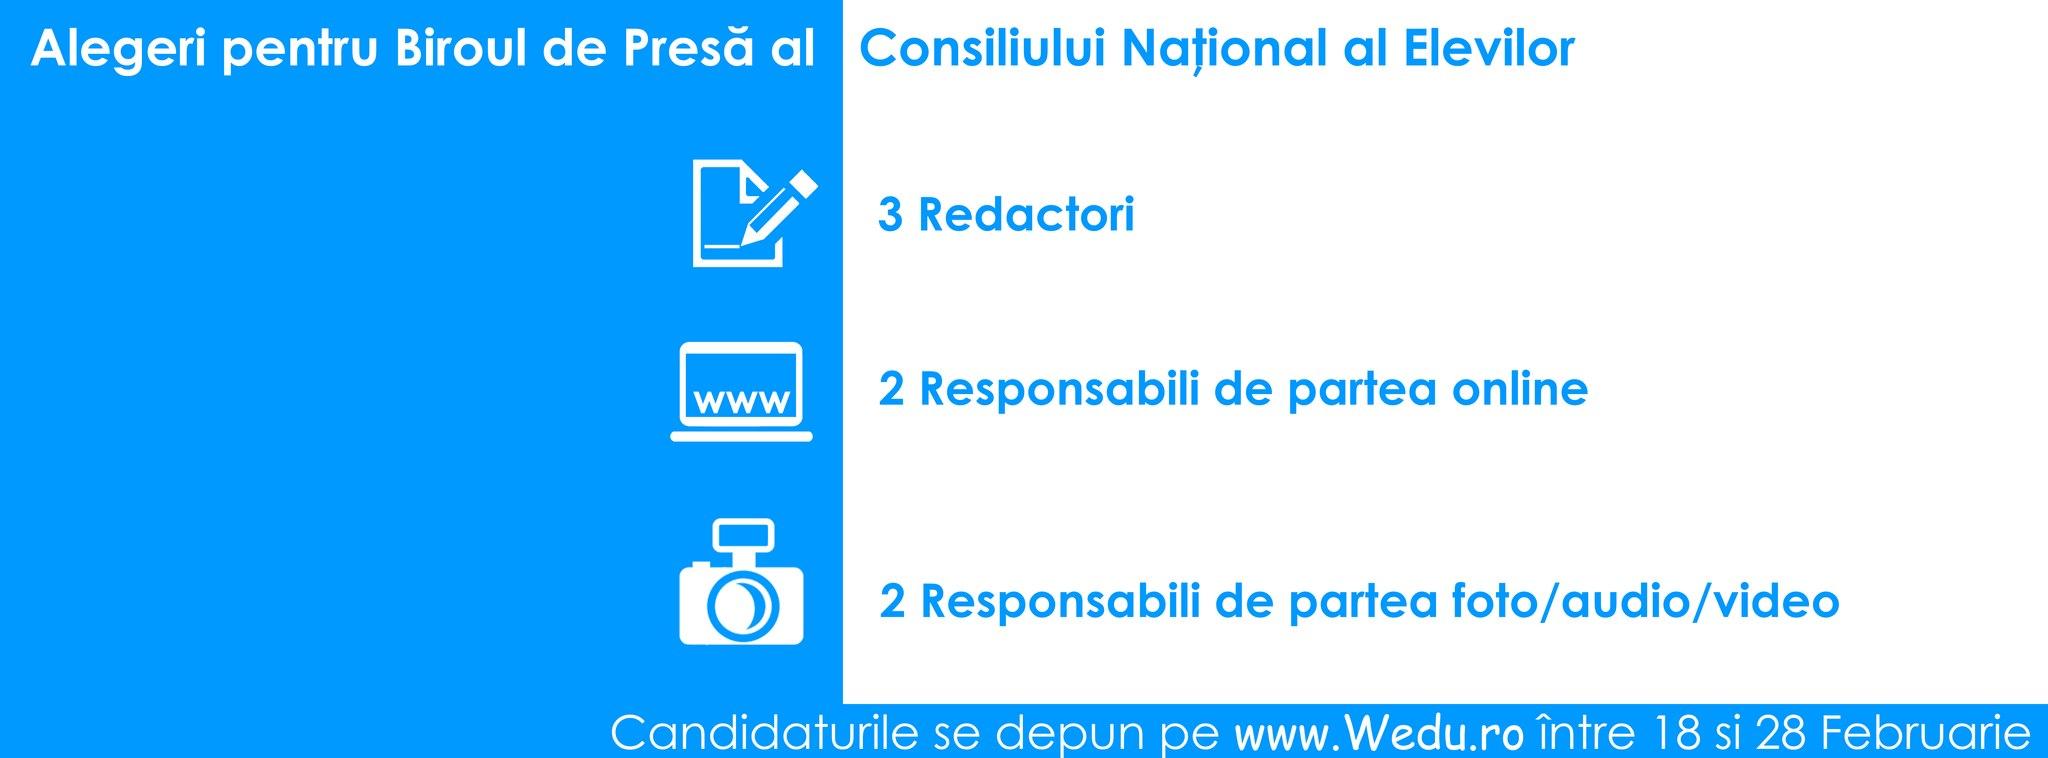 birou-de-presa-cne-alegeri